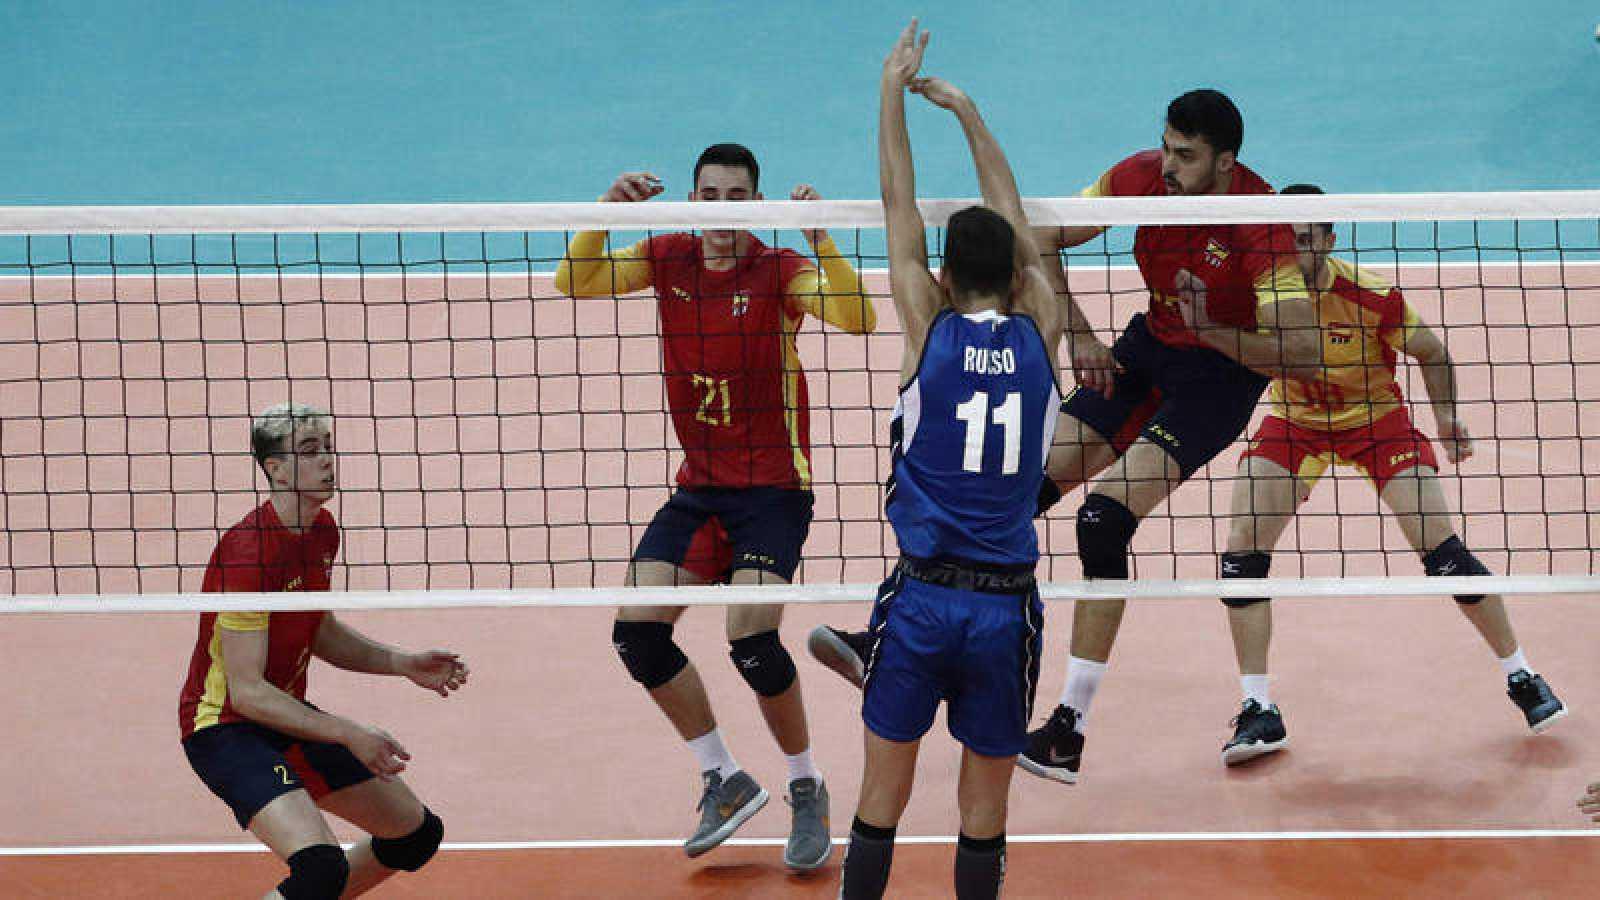 El jugador italiano Russo Roberto defiende una jugada ante los españoles Angel Trinidad y Gabriel del Carmen